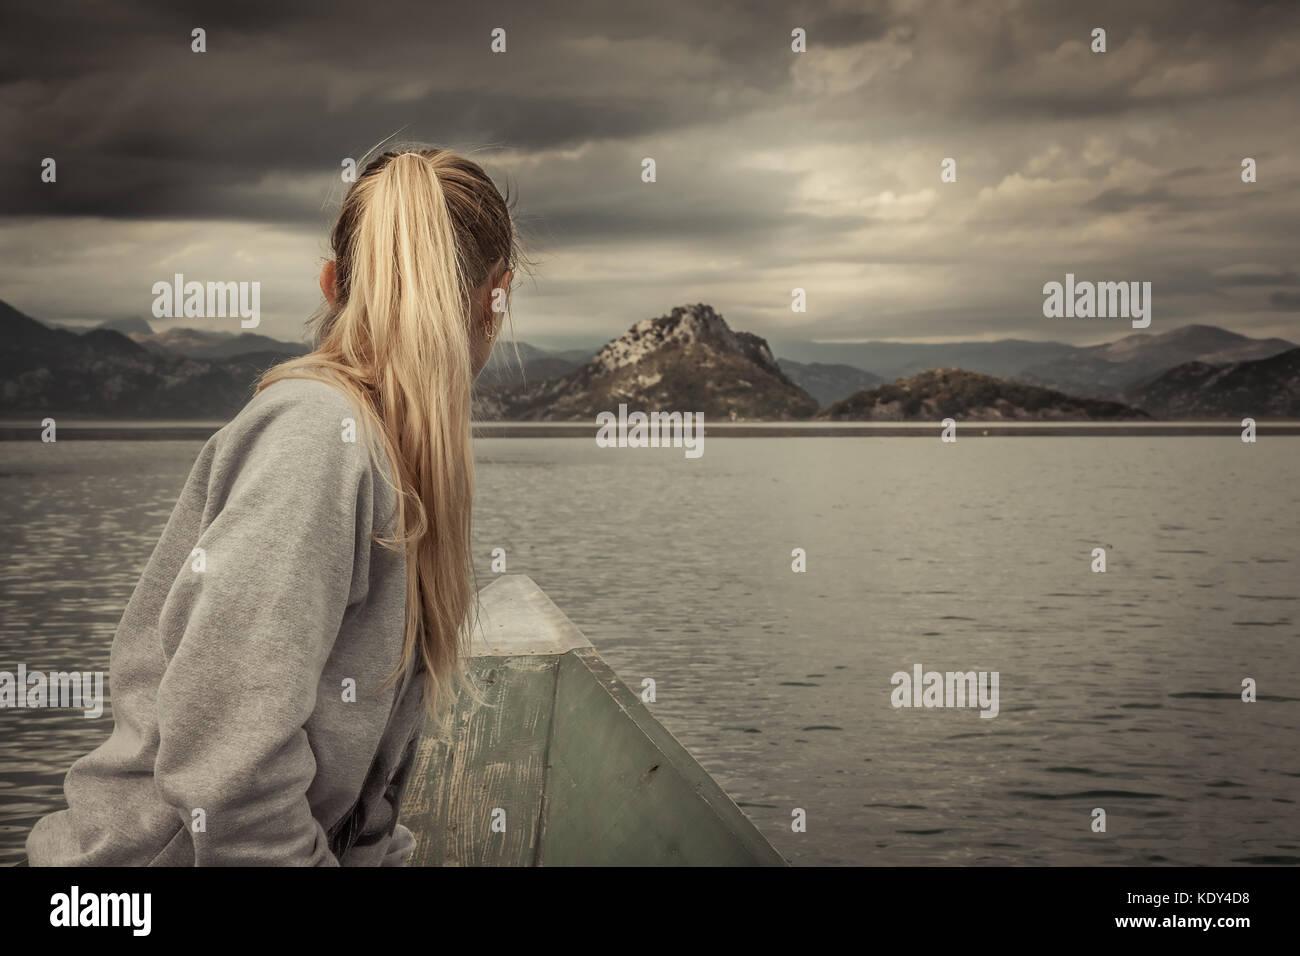 La mujer del viajero en el barco navegando hacia la orilla con paisaje con montañas en el horizonte, en días Imagen De Stock